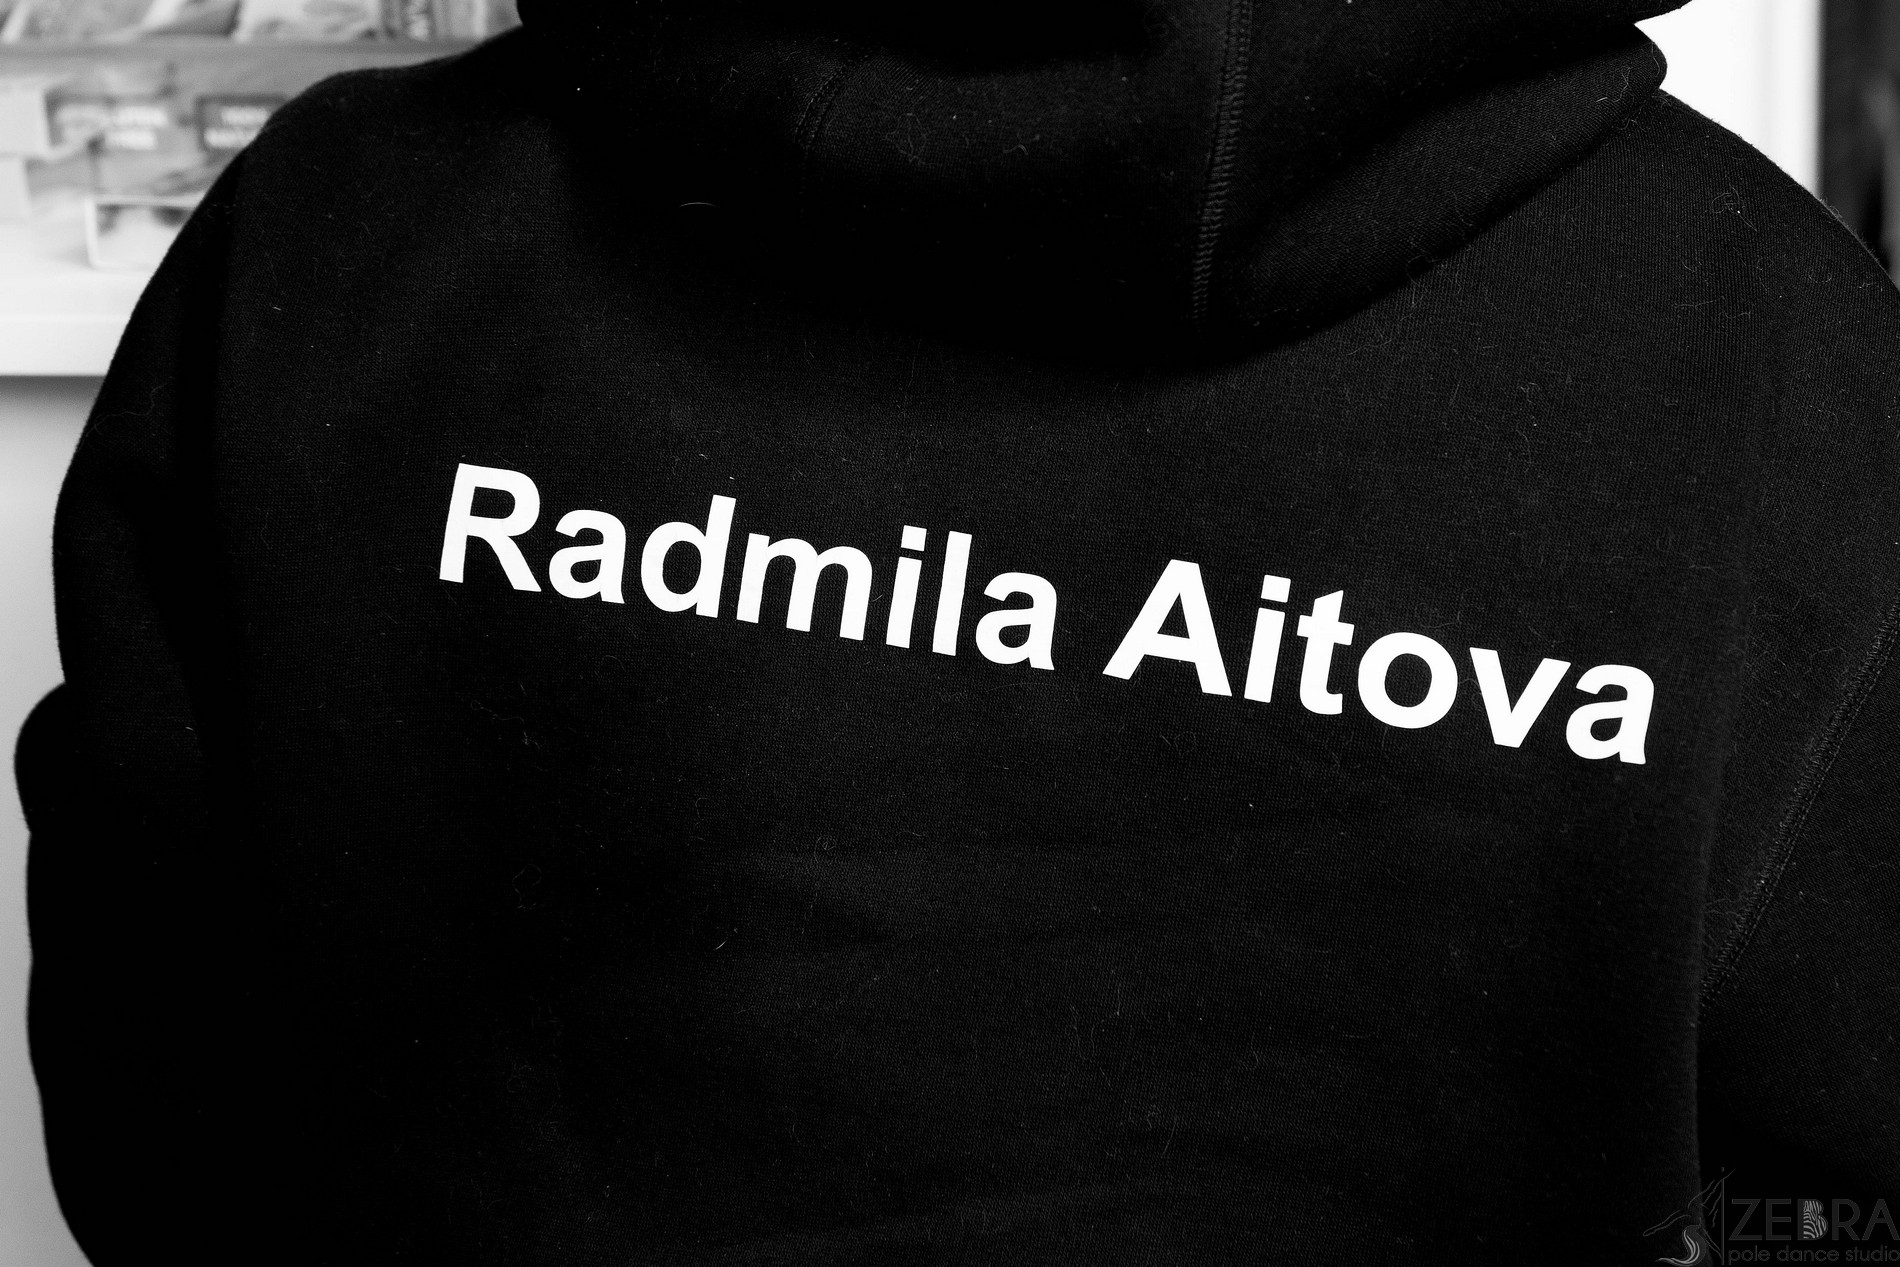 ZEBRA_MK_Oleg&Radmila30